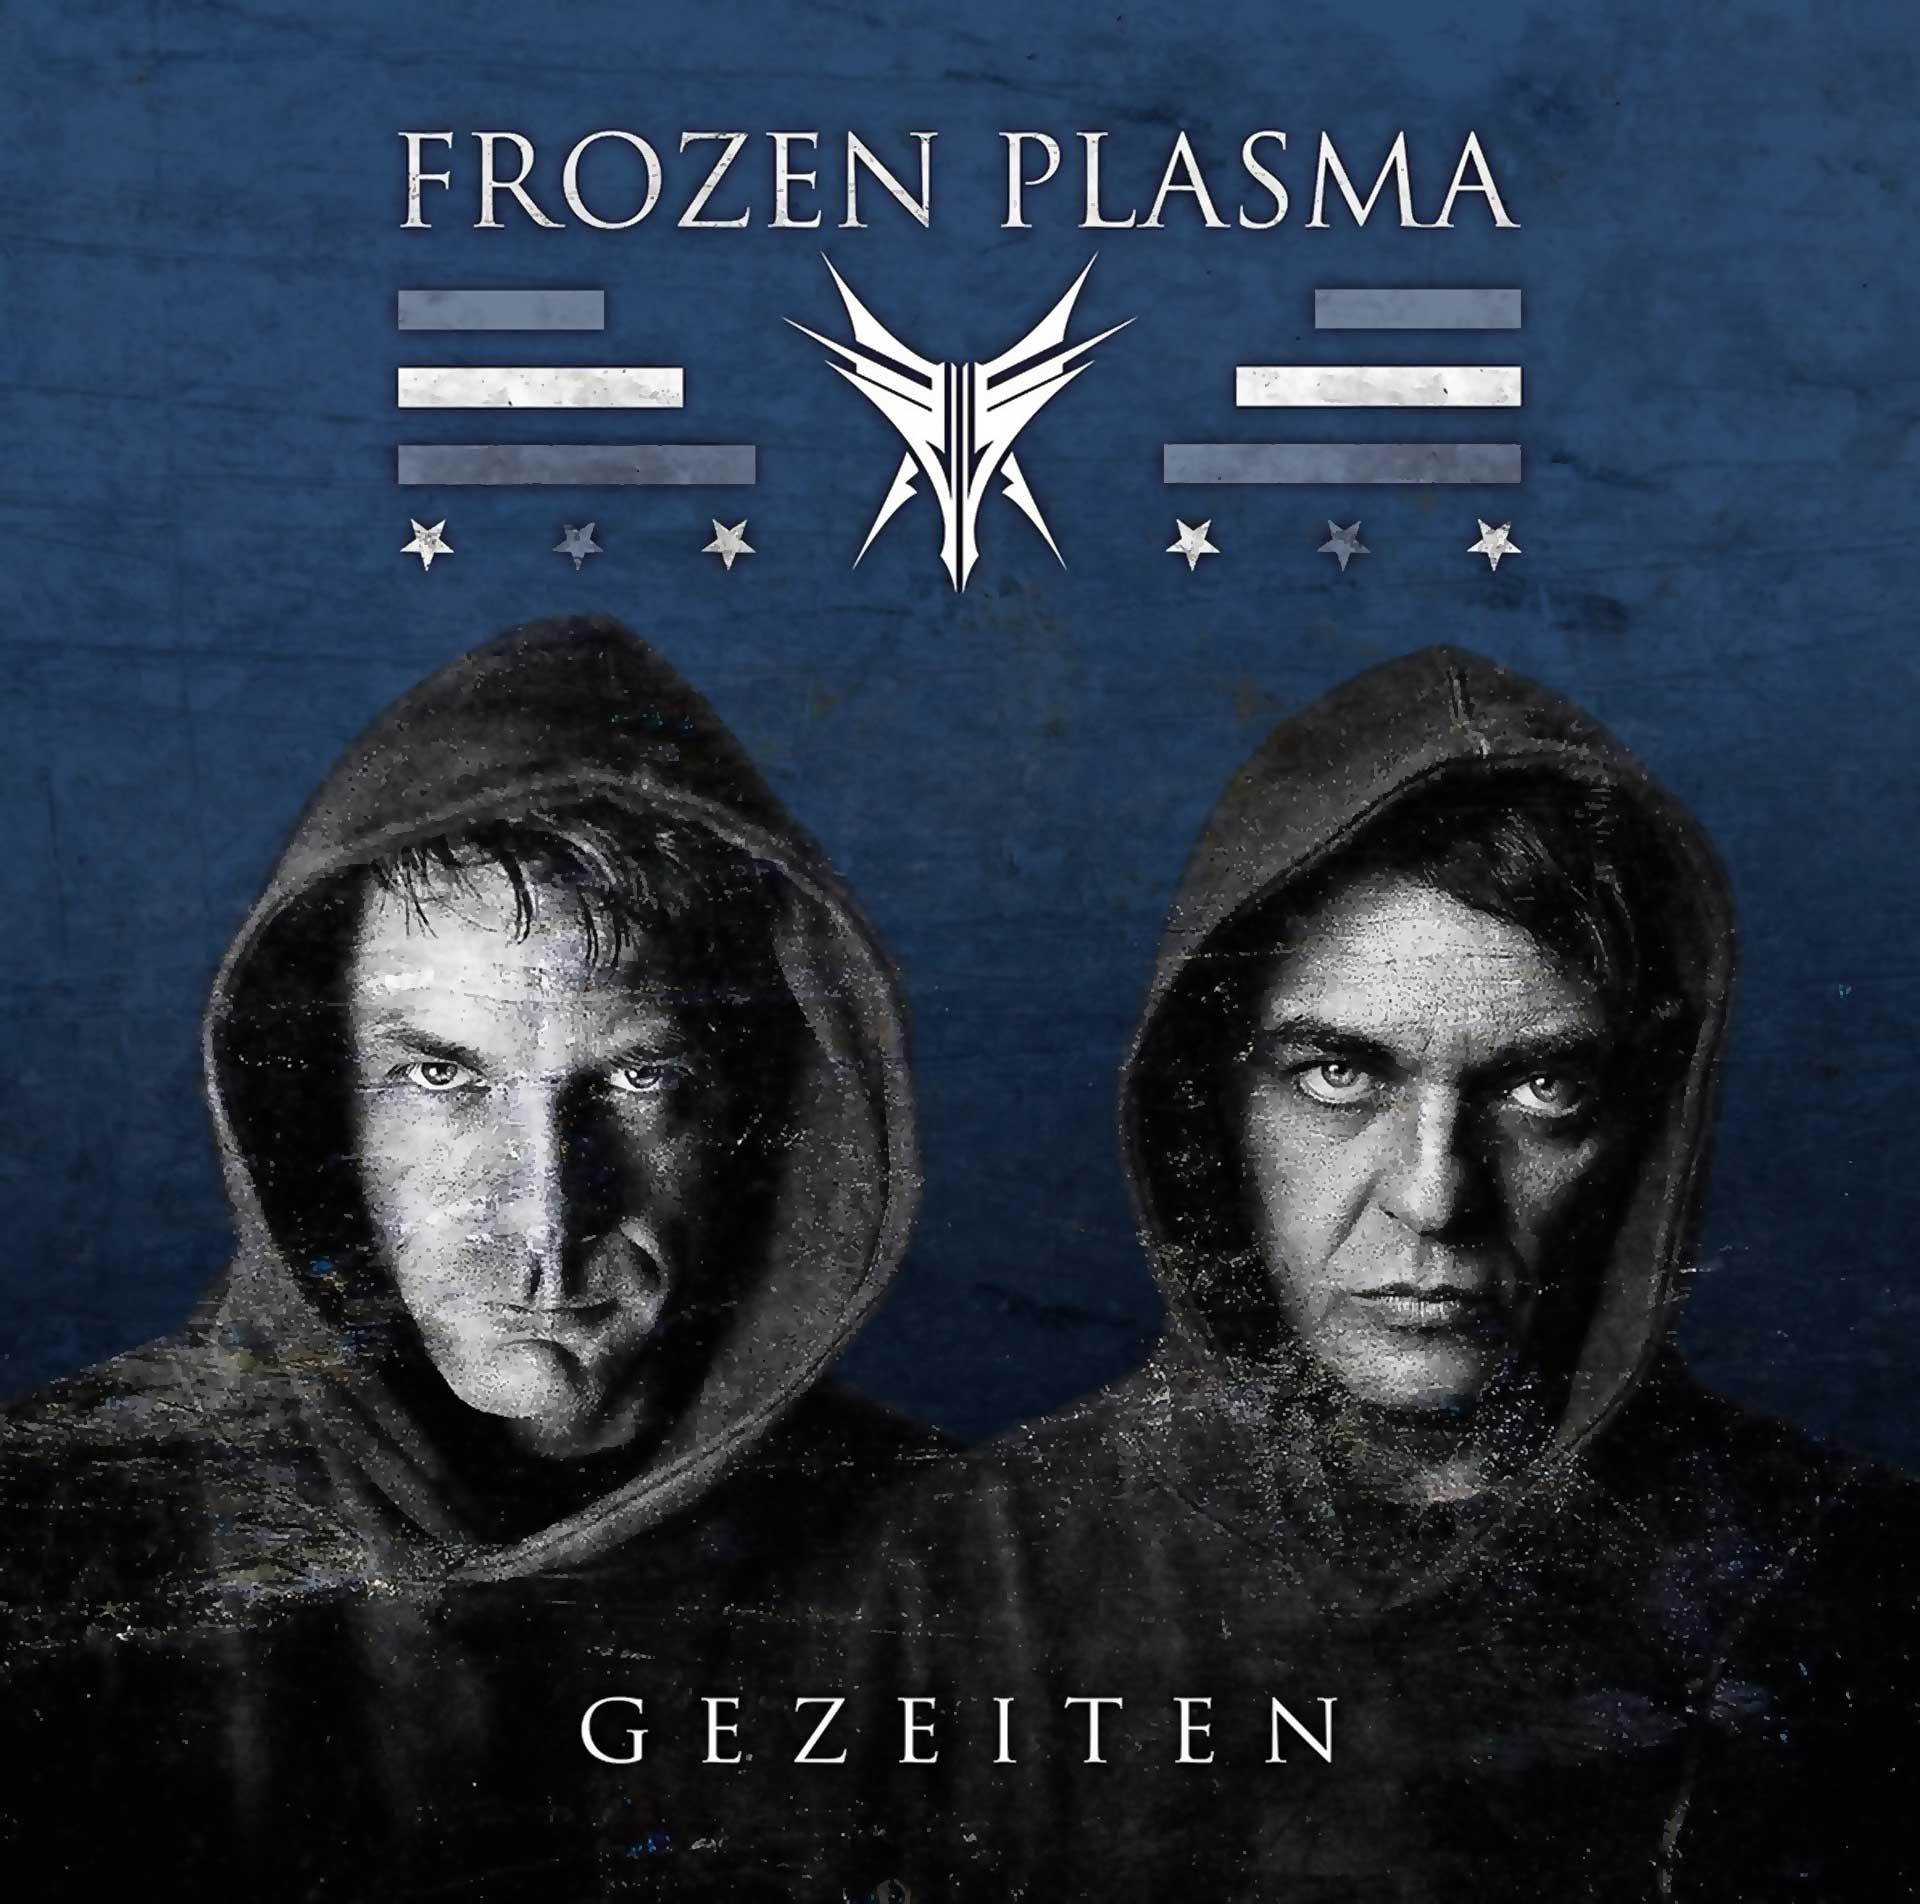 Frozen Plasma - Gezeiten